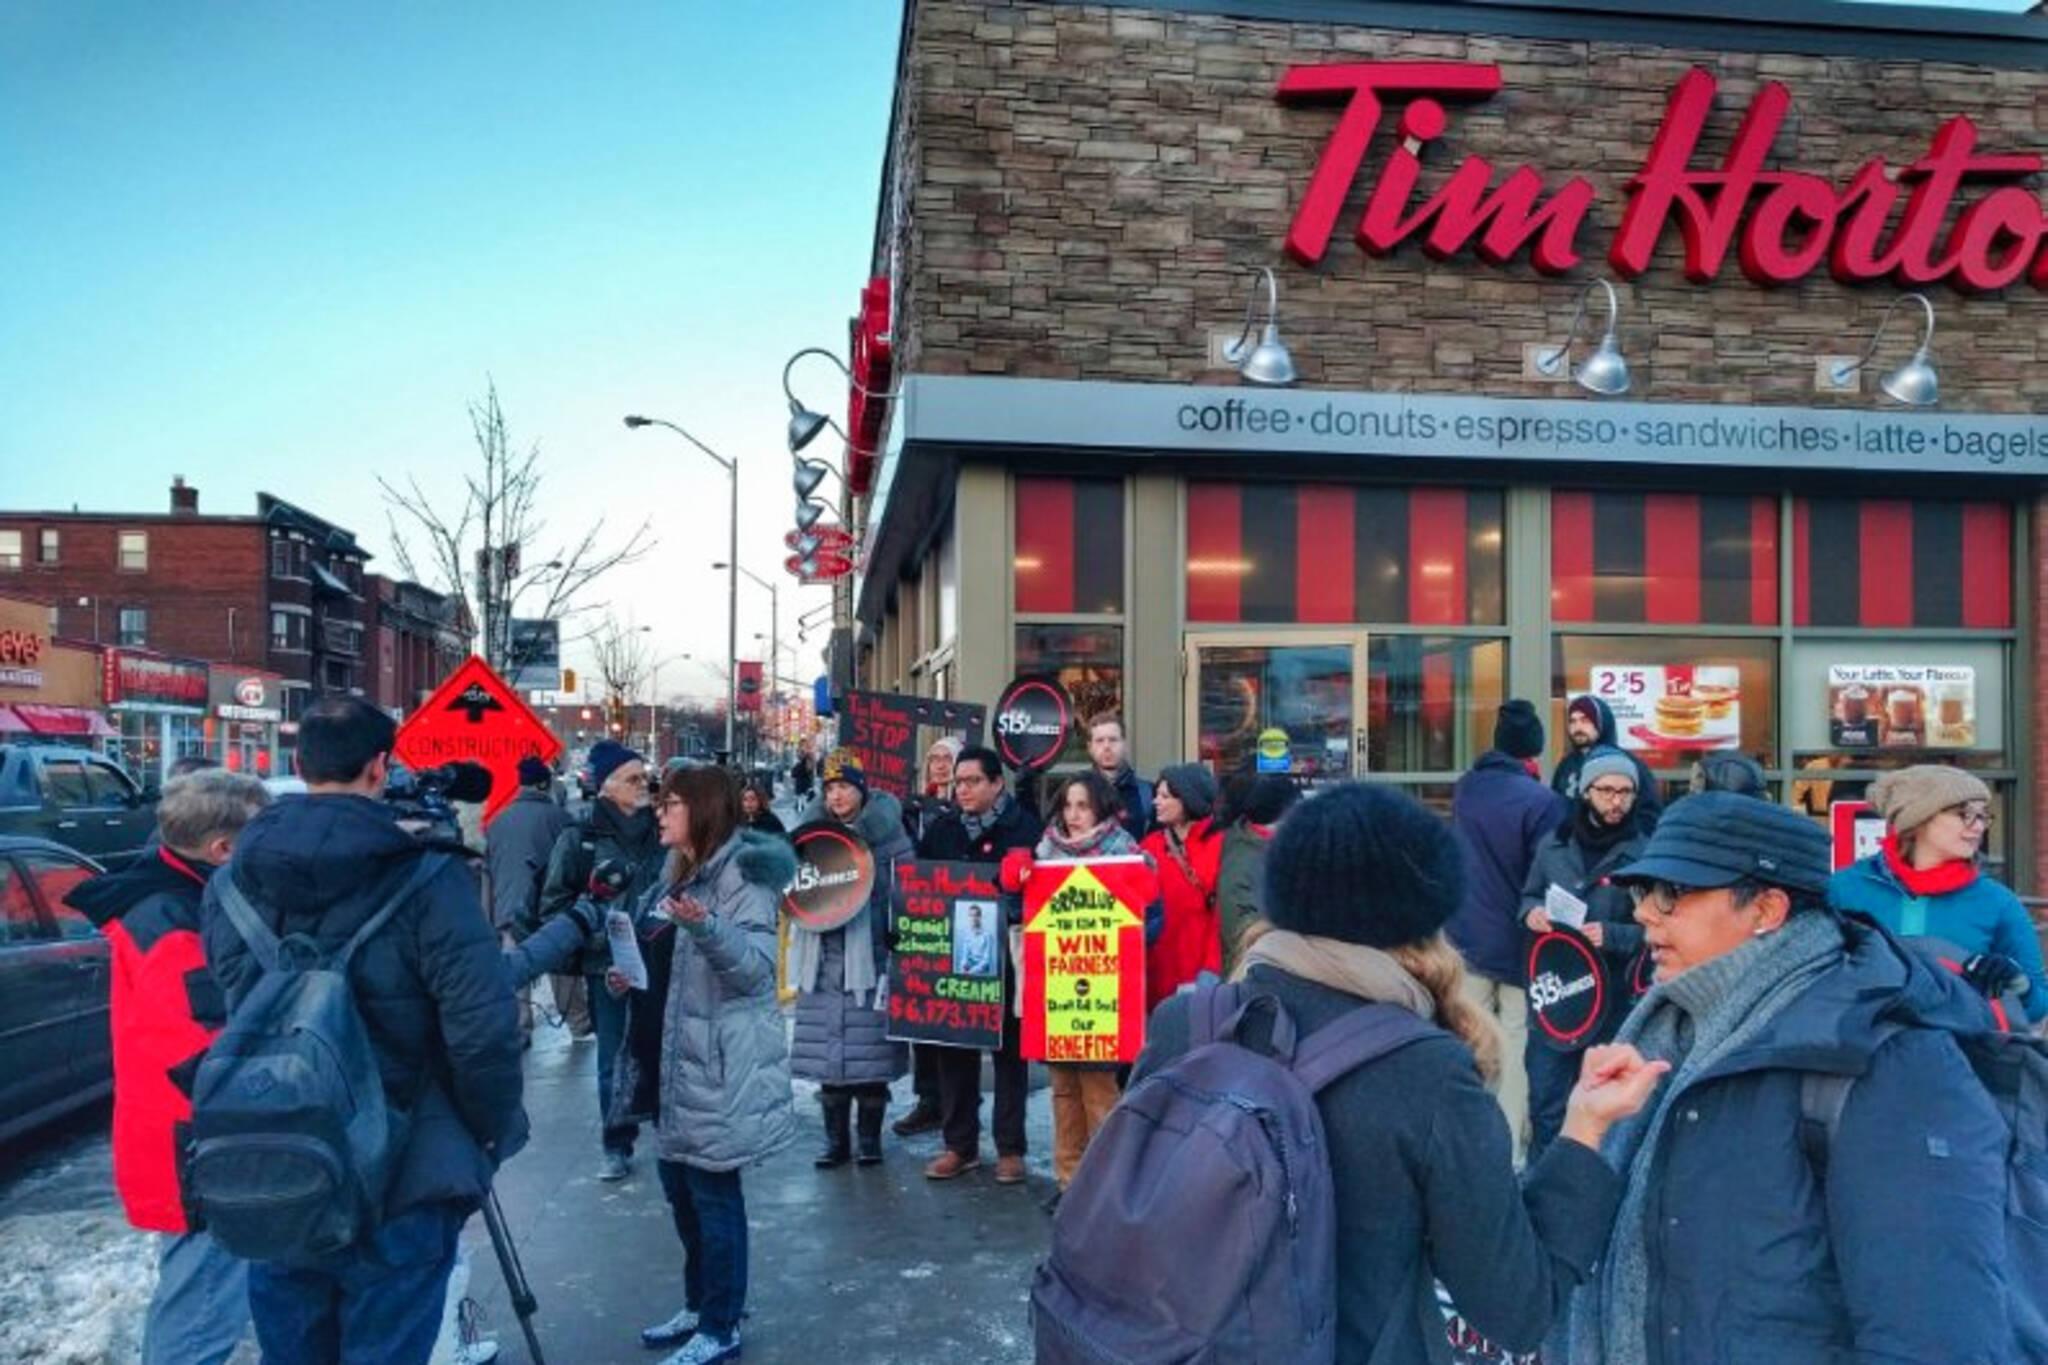 Tim Hortons boycott